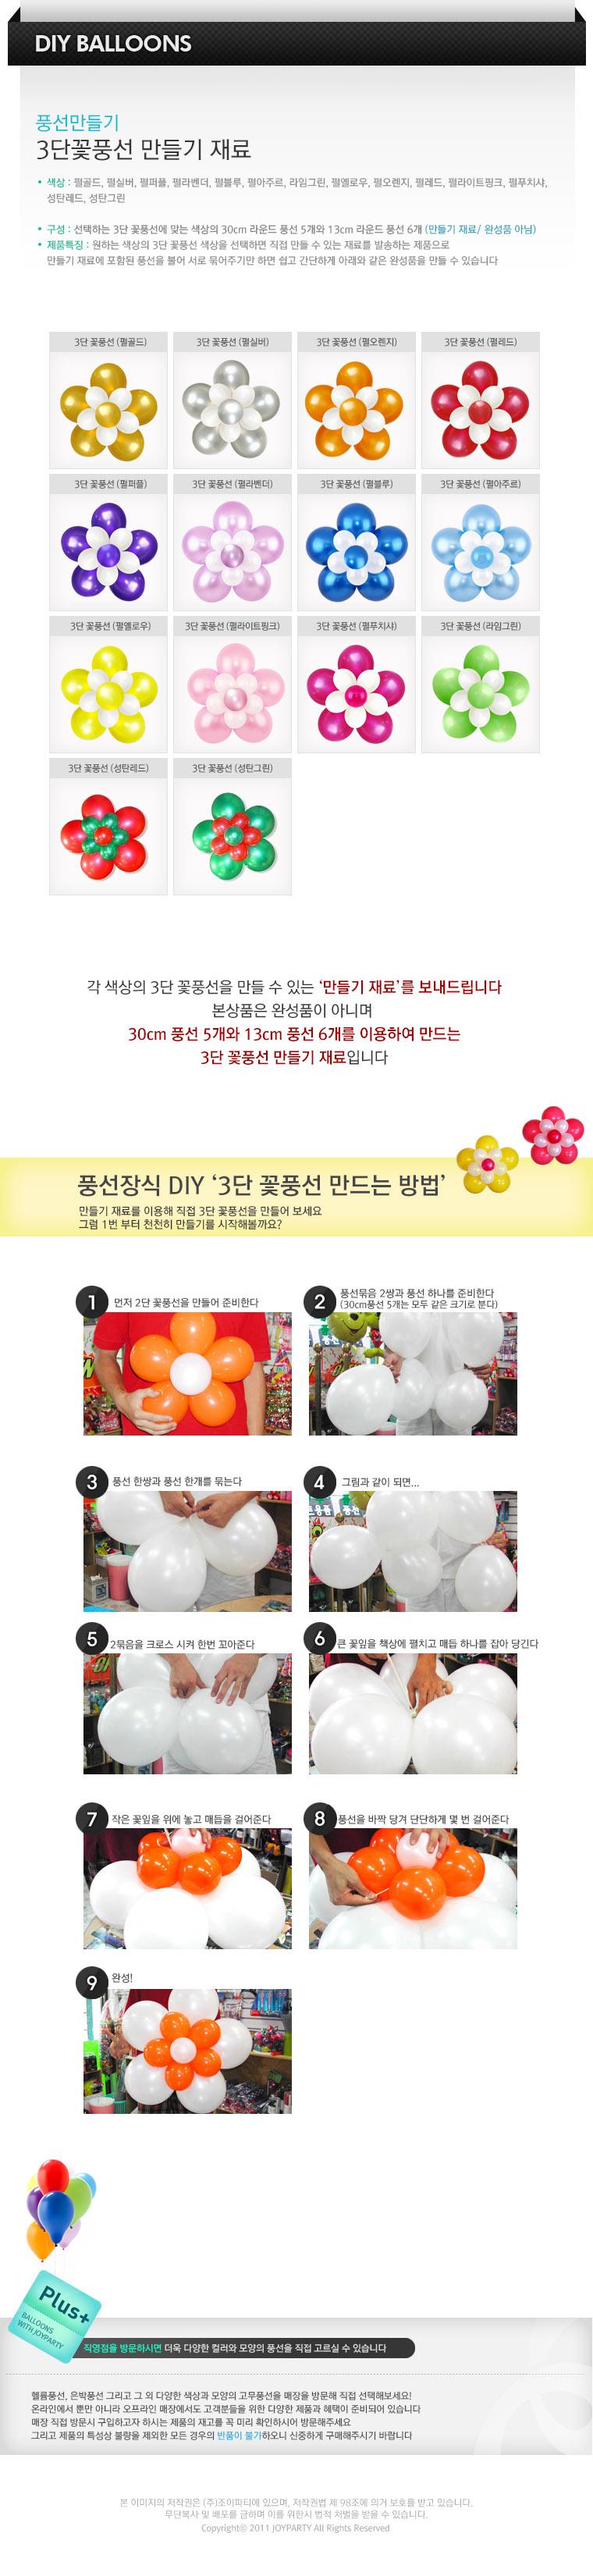 3단꽃풍선 펄레드 2세트 _partypang - 파티팡, 3,000원, 파티용품, 풍선/세트